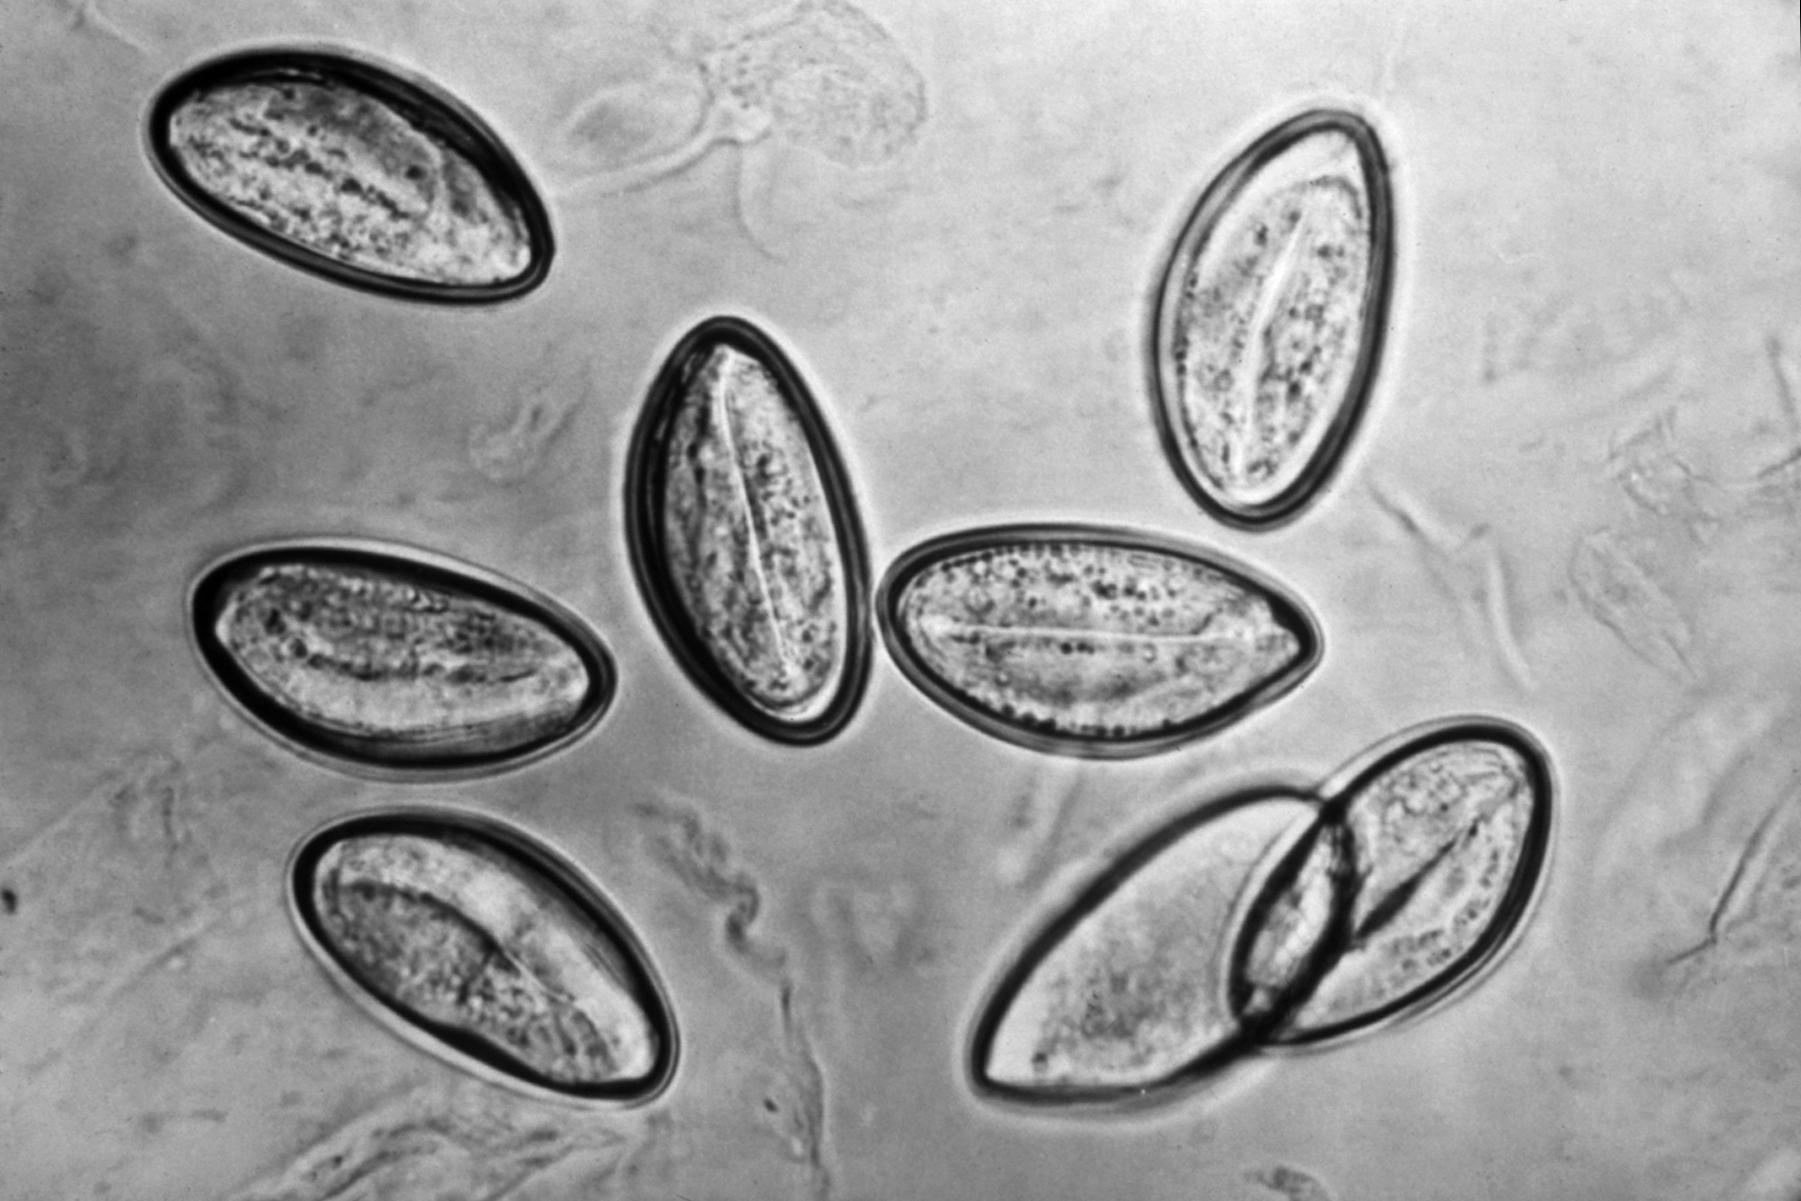 Oxiuriază - Wikipedia Enterobius vermicularis larva morfologia